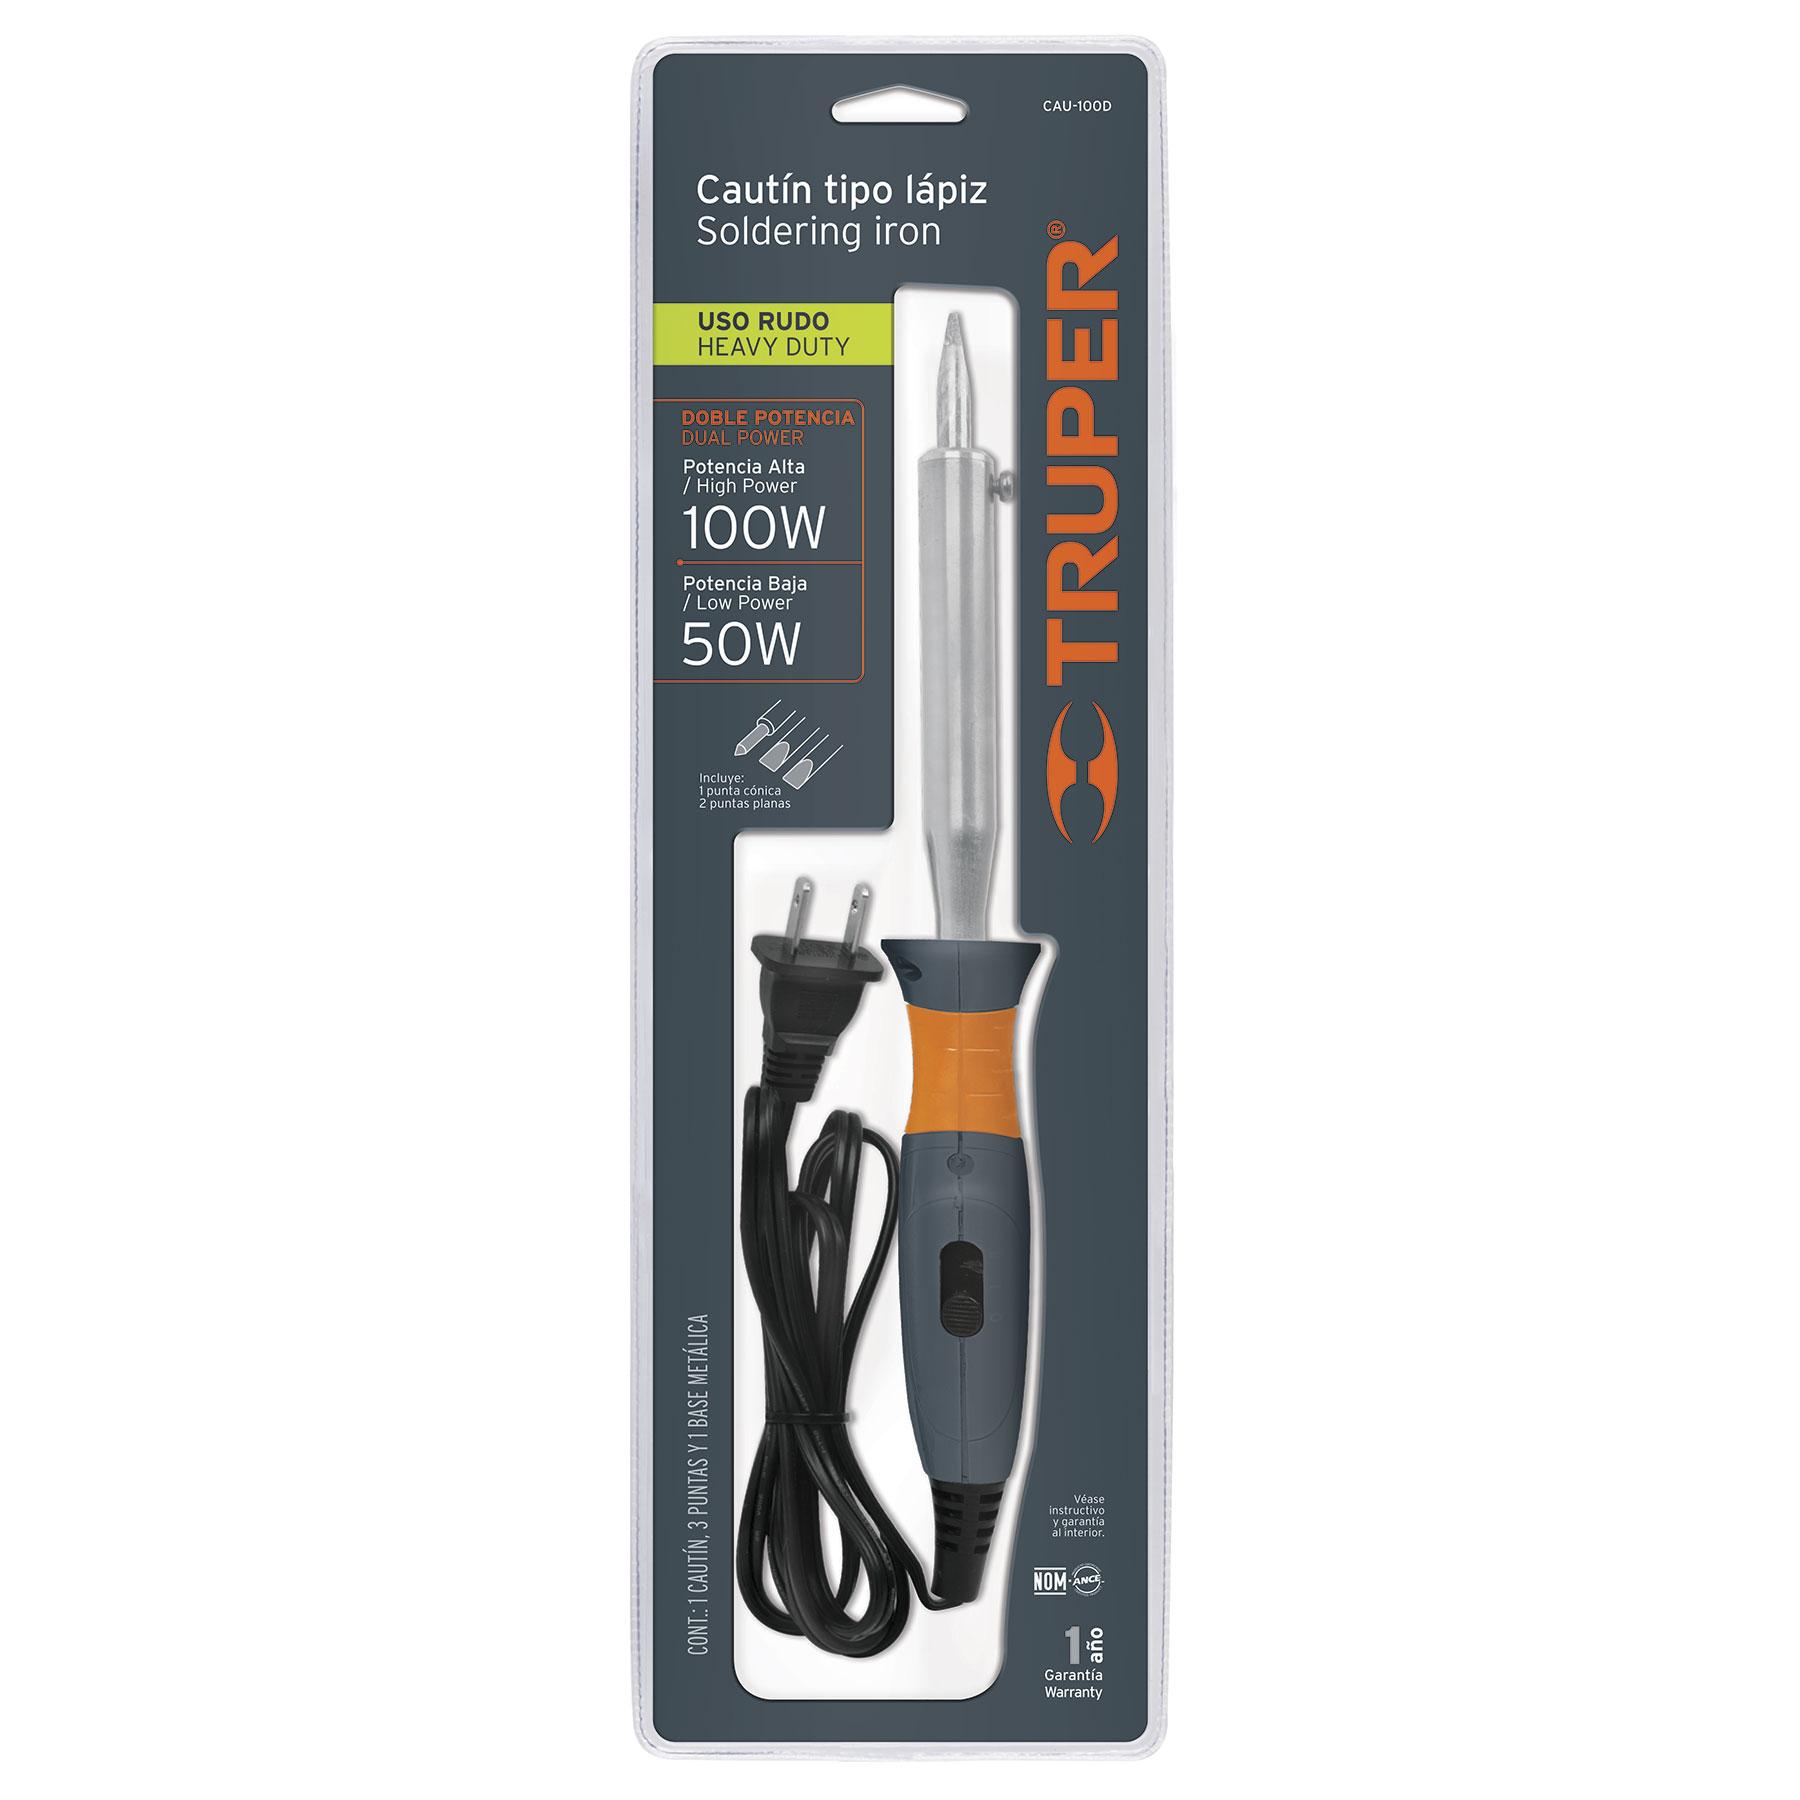 Truper - Cautín, tipo lápiz de 100 W, dual, industrial